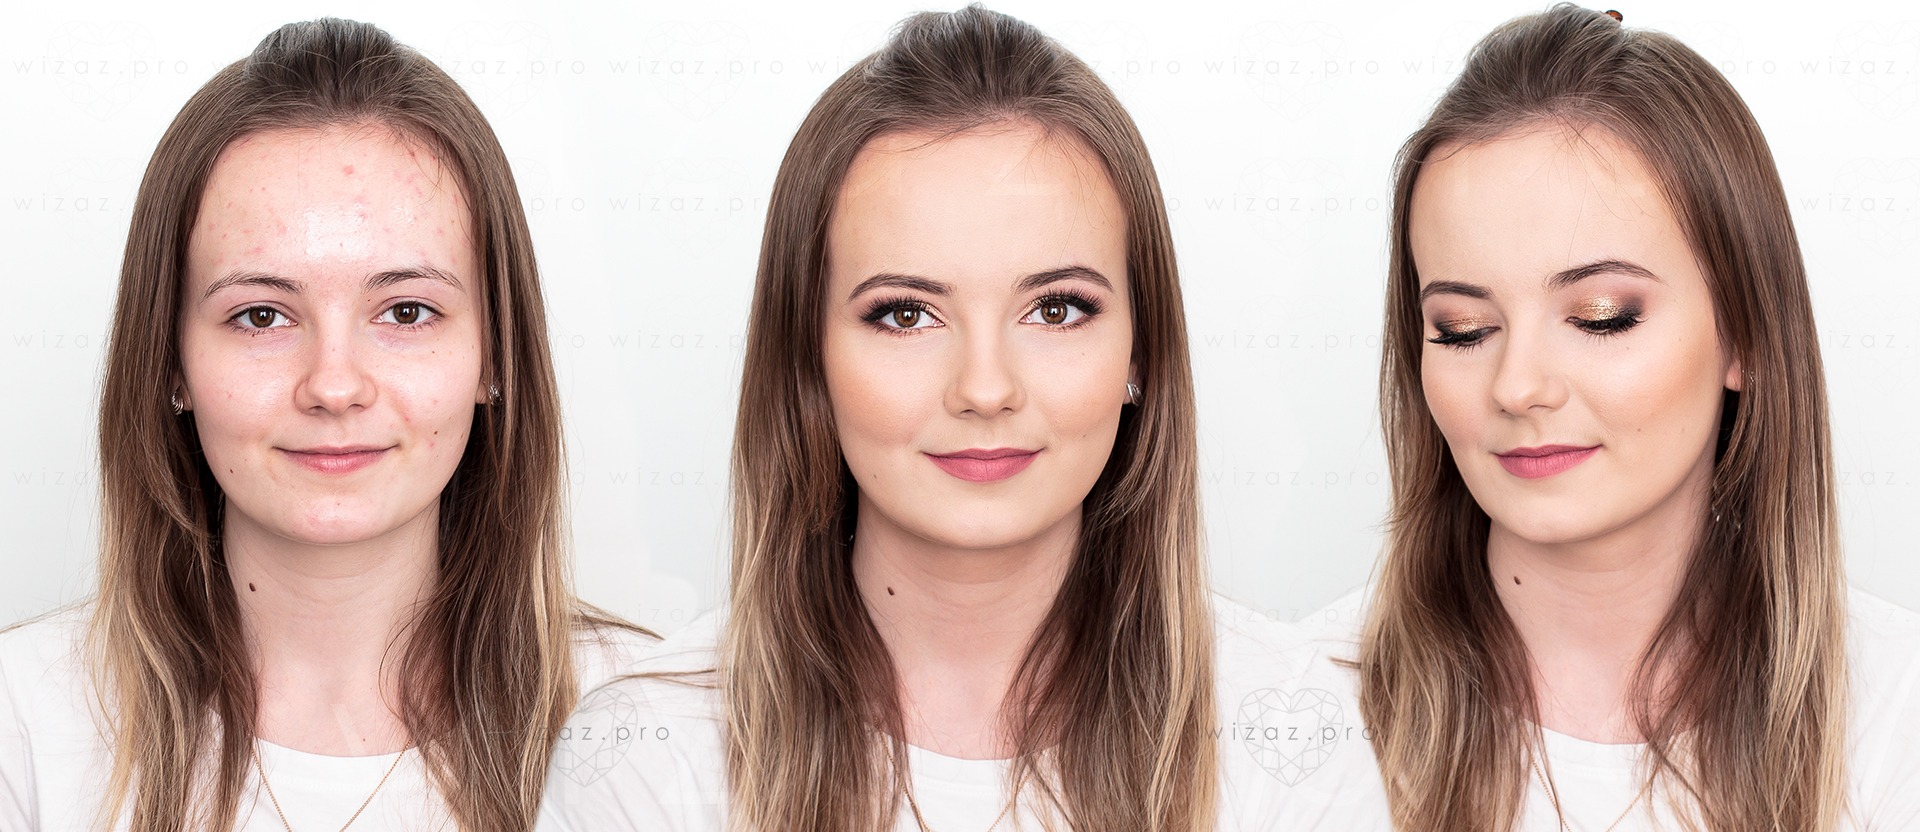 Makijaż ślubny rozświetlający dla rudej rudzielca szatynki - piwne brązowe oczy - Wizaż PRO Kraków